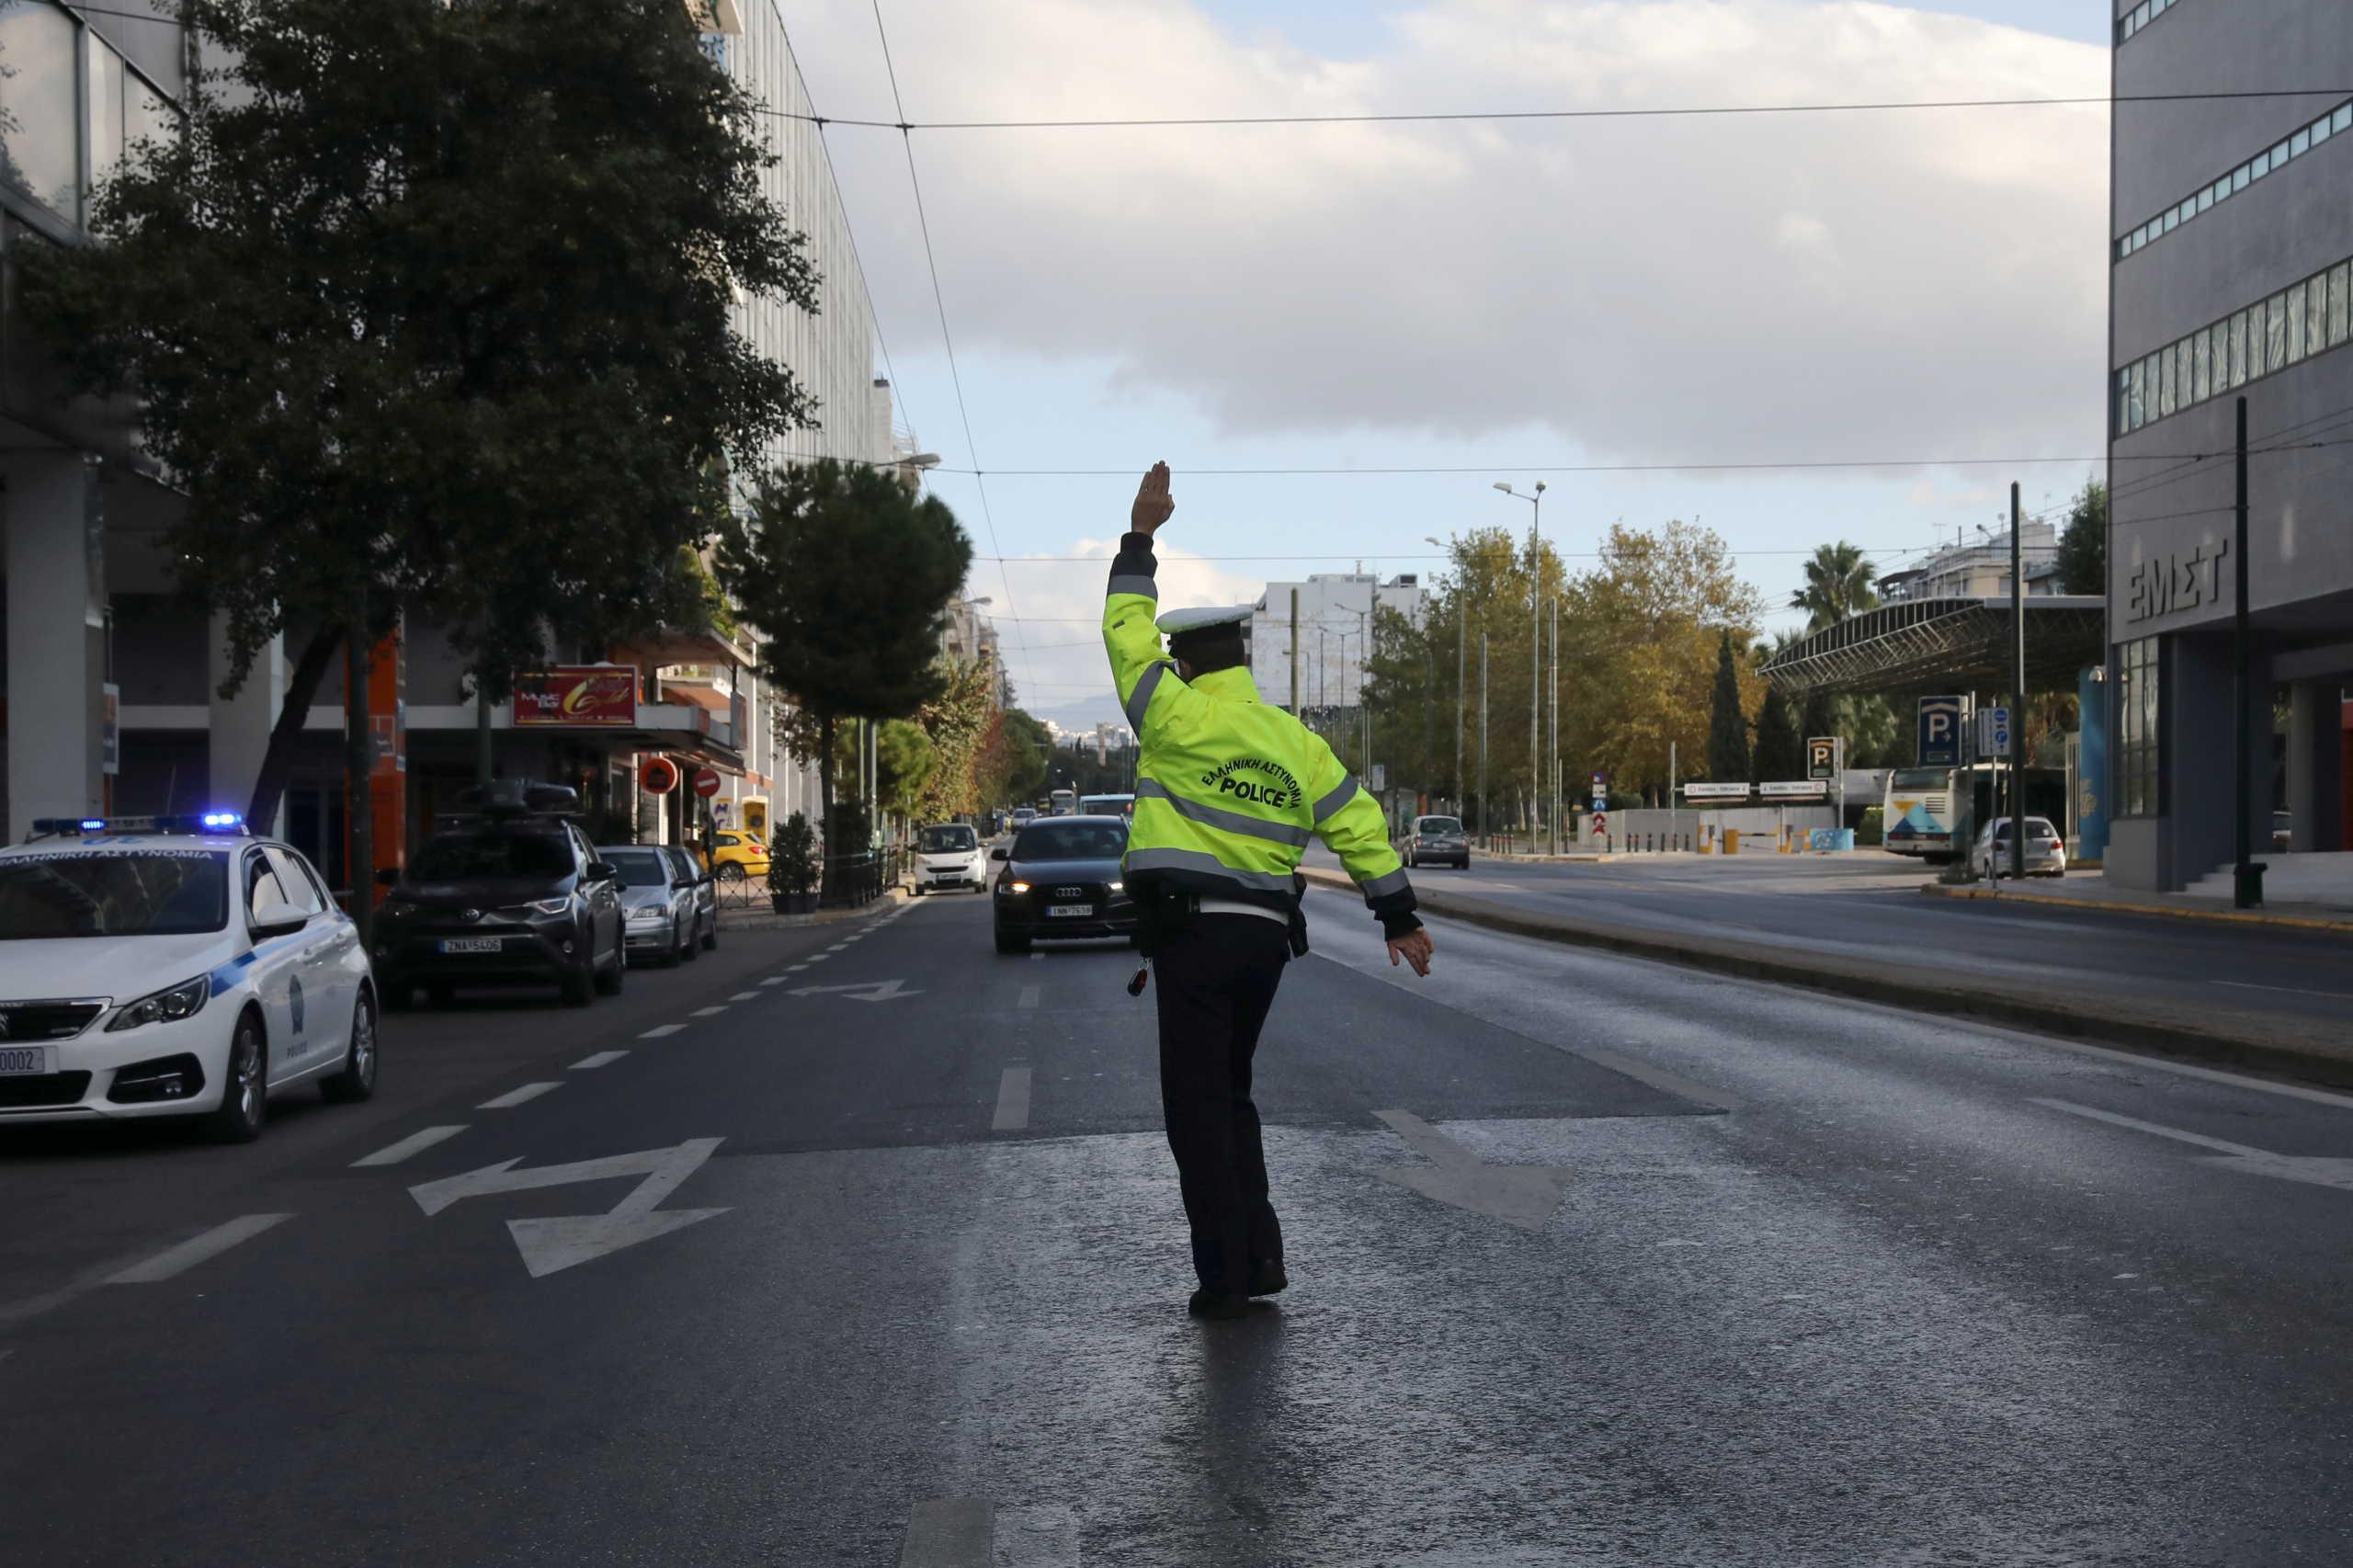 τροχαία απαγόρευση κυκλοφορίας